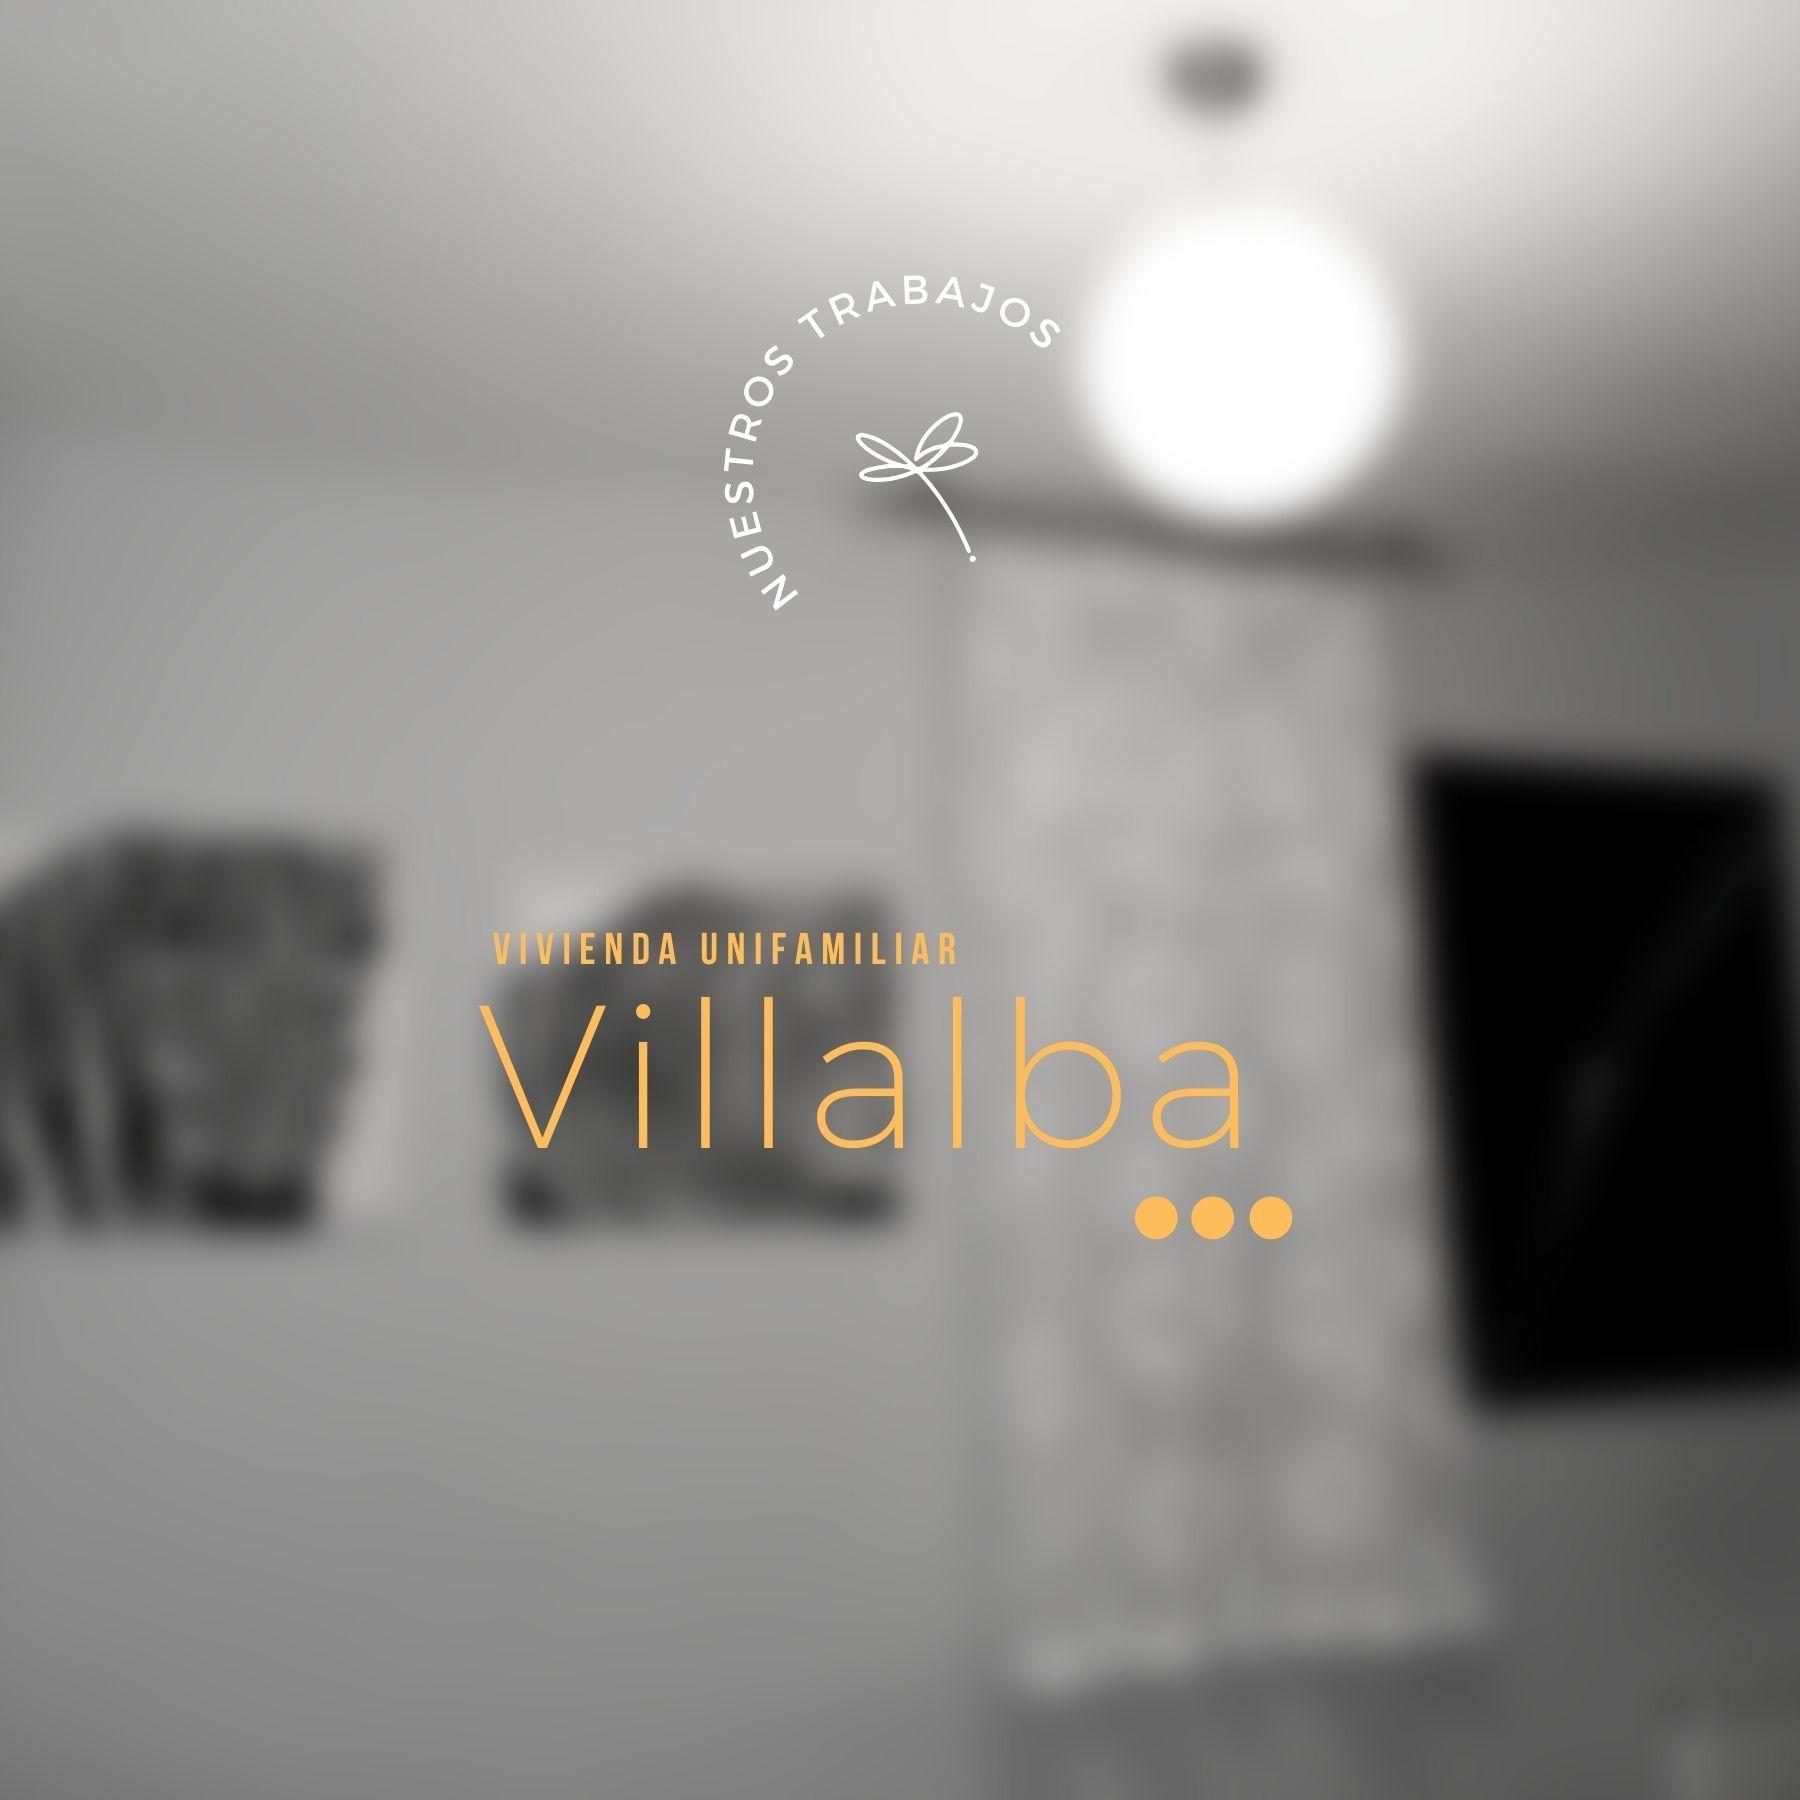 Vivienda Unifamiliar Villalba